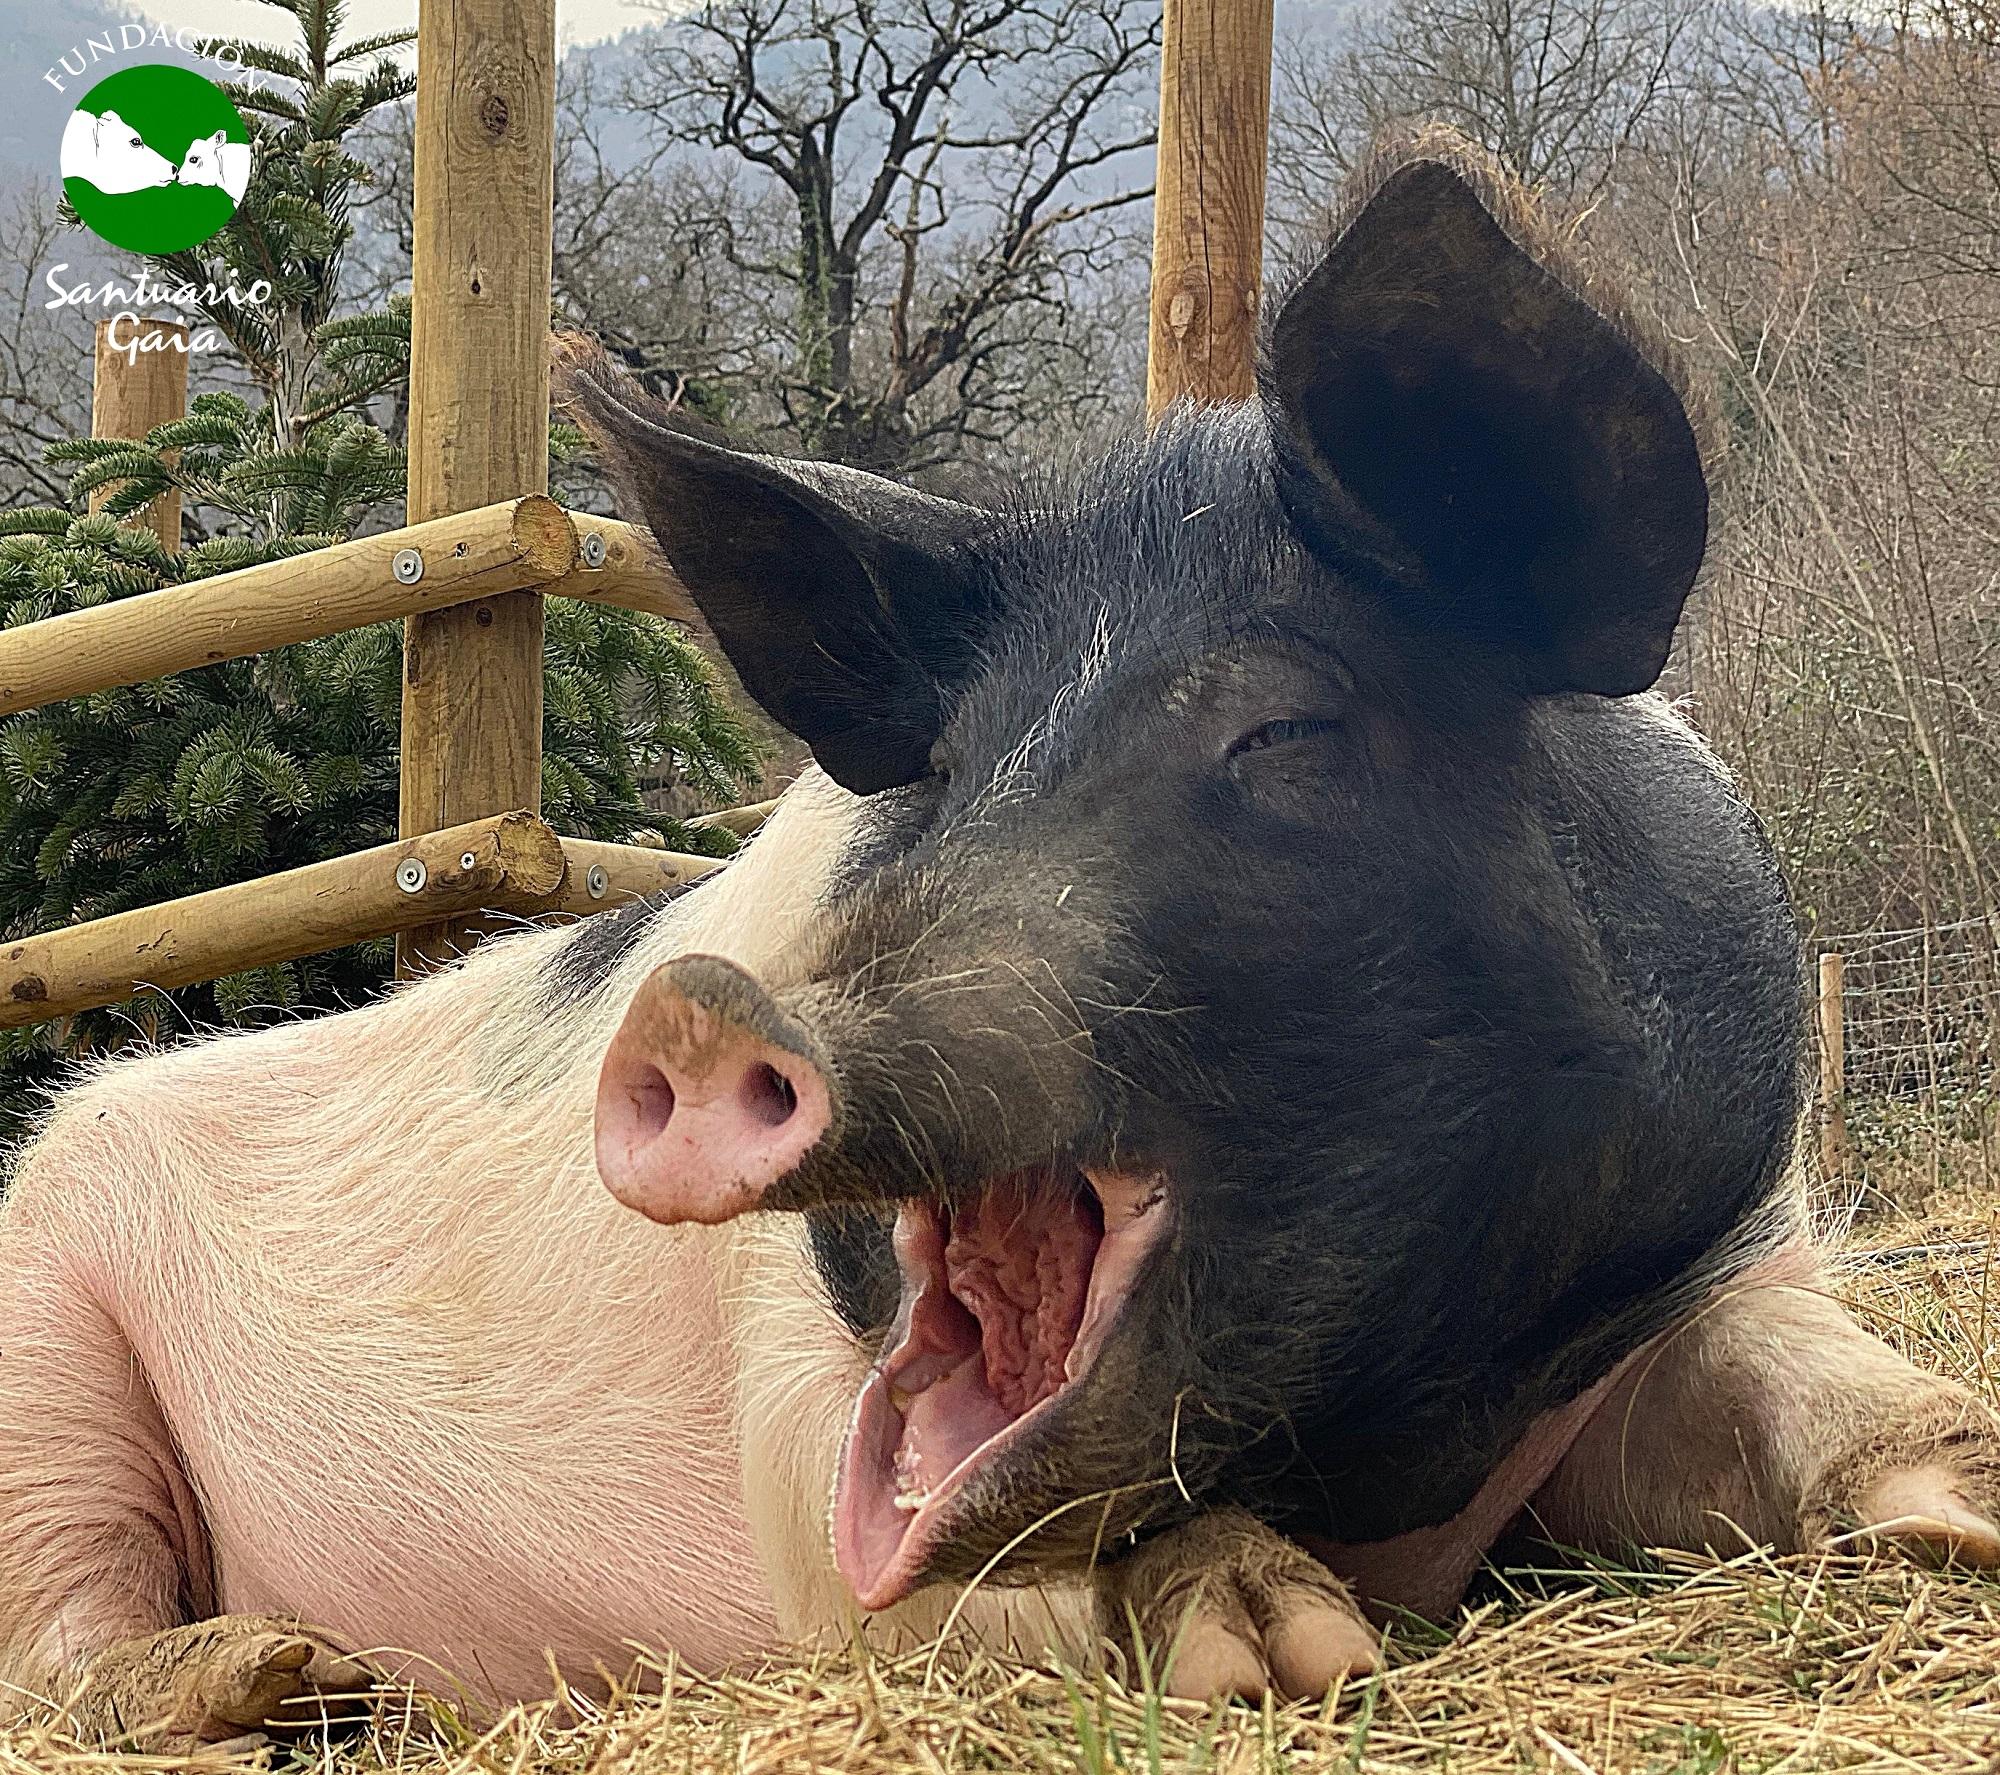 El cerdo rescatado Liam descansa en el refugio de animales Santuario Gaia situado en Camprodon